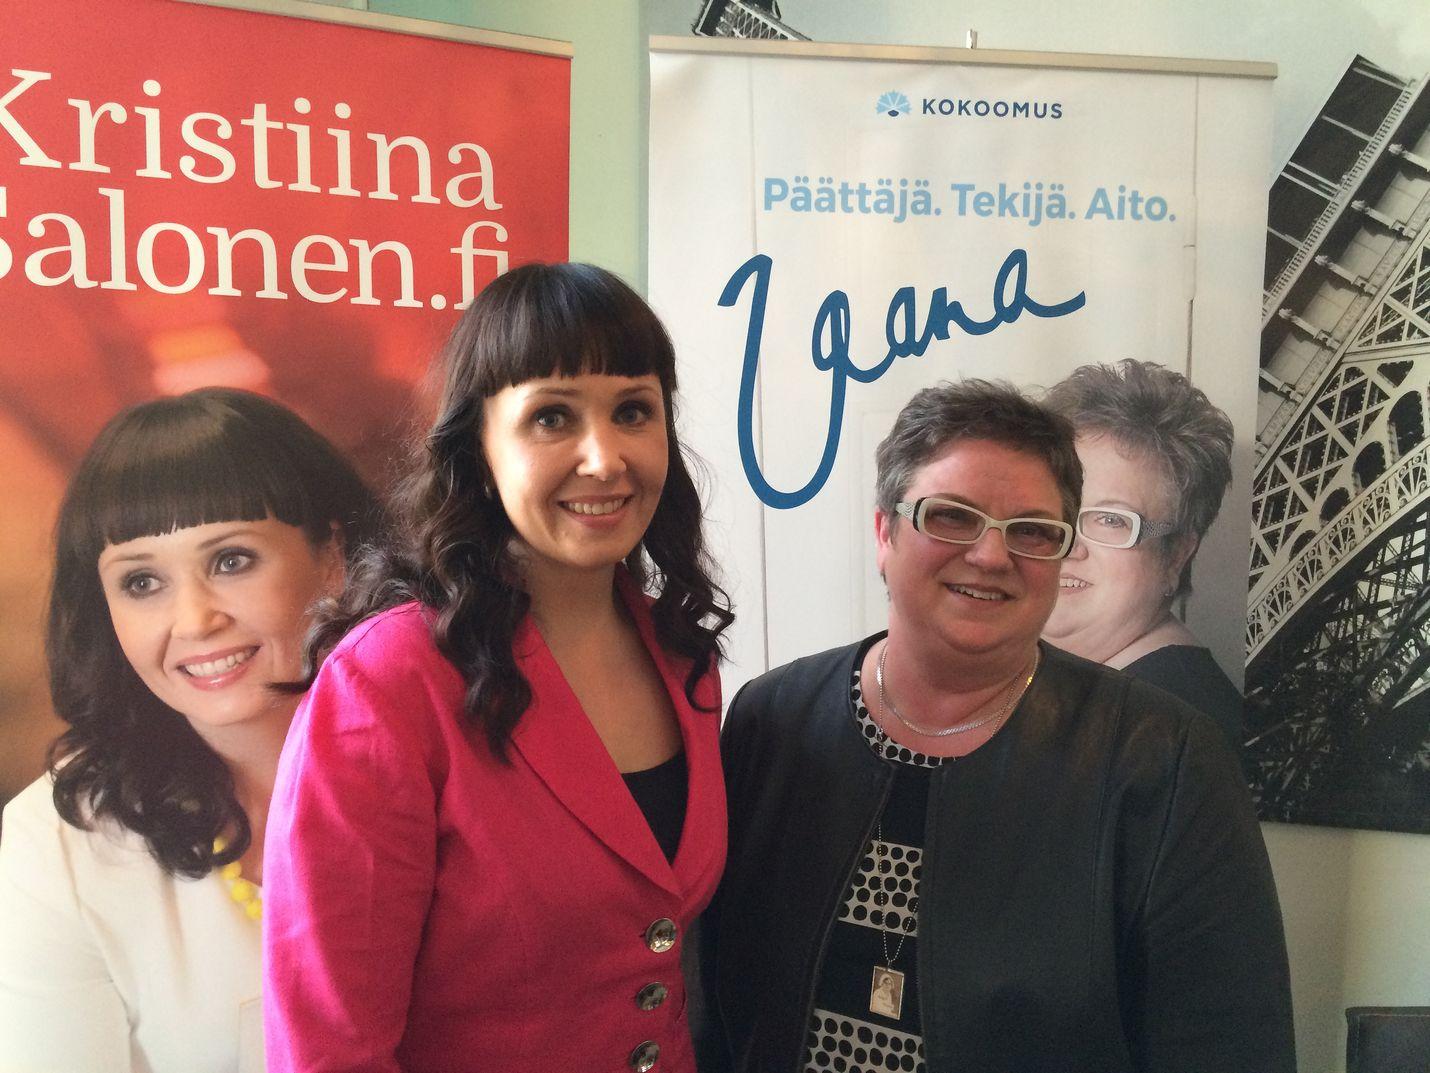 Kristiina Salosen vaalikampanja maksoi noin 40700 euroa, Jaana Laitinen-Pesolan 36 300 euroa. Kumpikin meni läpi.